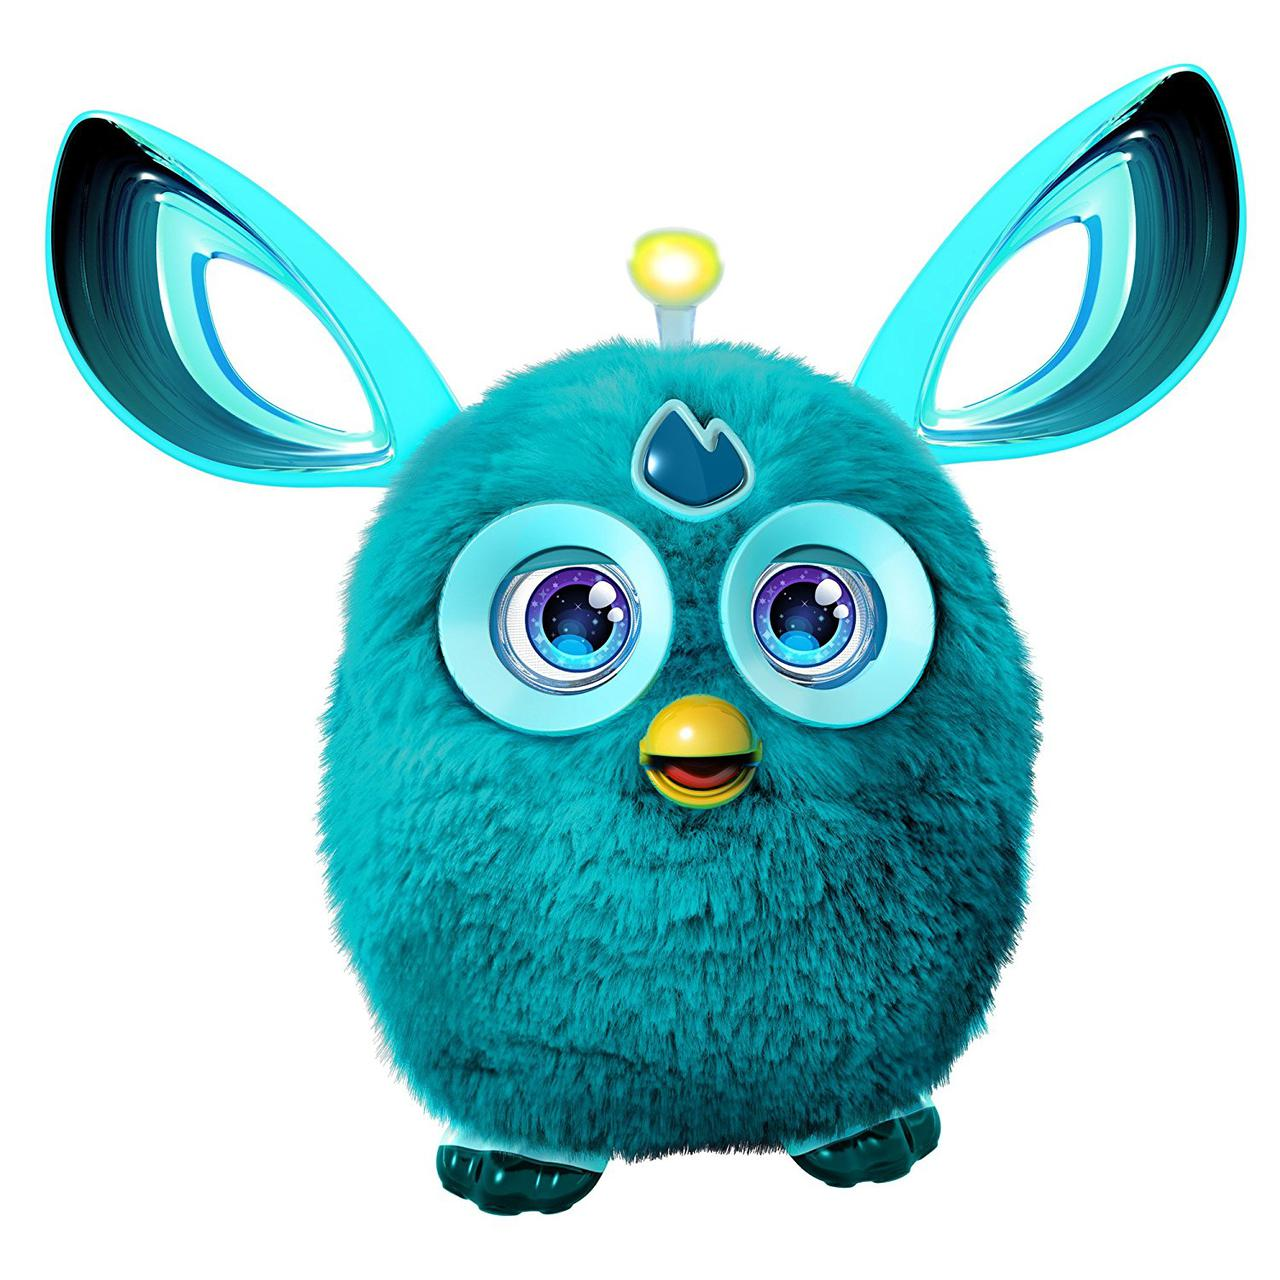 Интерактивная игрушка Furby Connect Ферби Коннект/ бирюзовый/ англоязычный